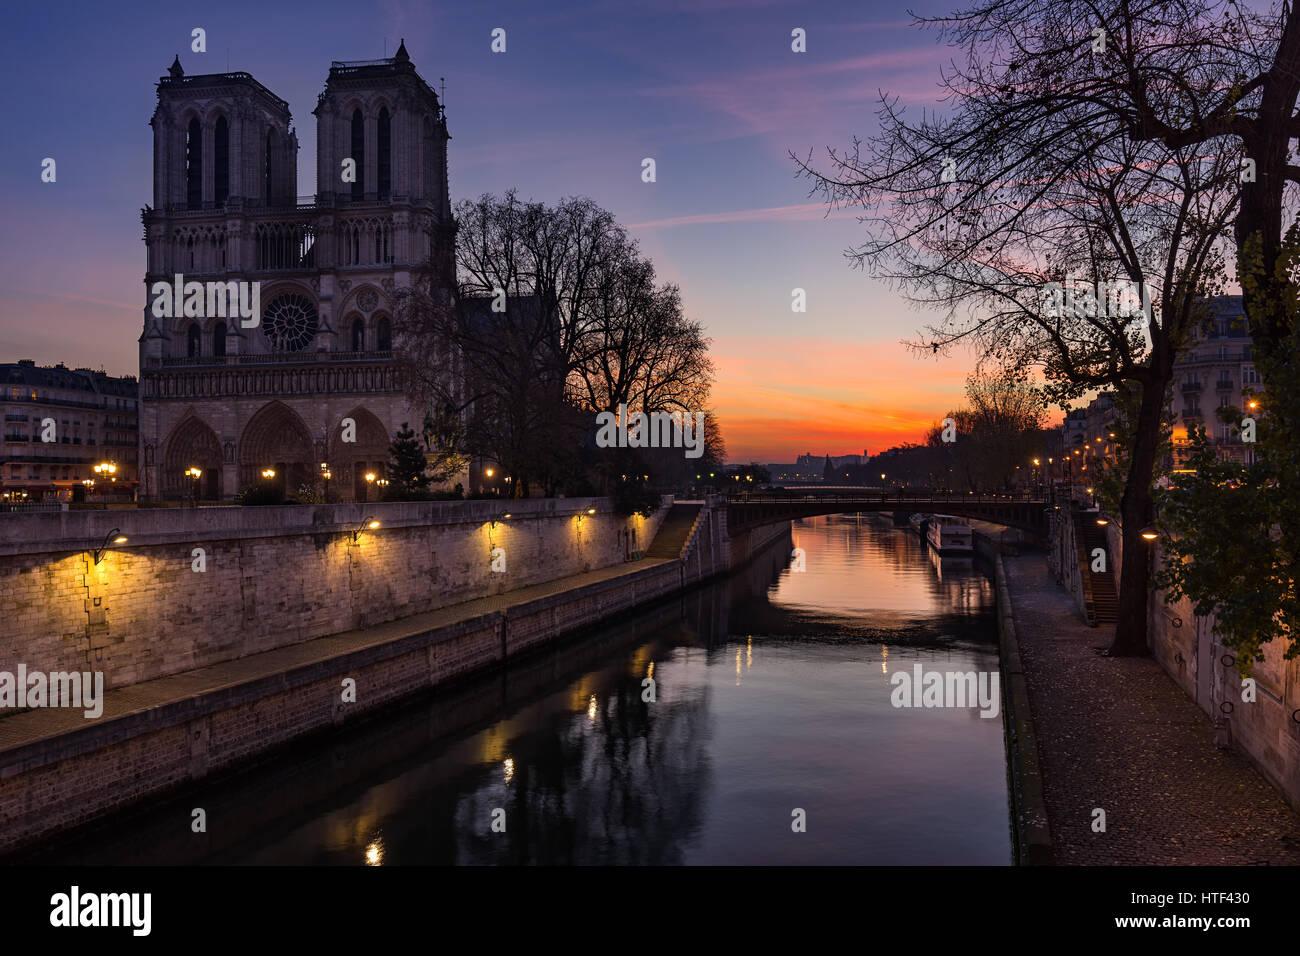 Catedral de Notre Dame al amanecer con el río Sena. Ile de La Cite. 4Th Arrondissement, París, Francia Imagen De Stock